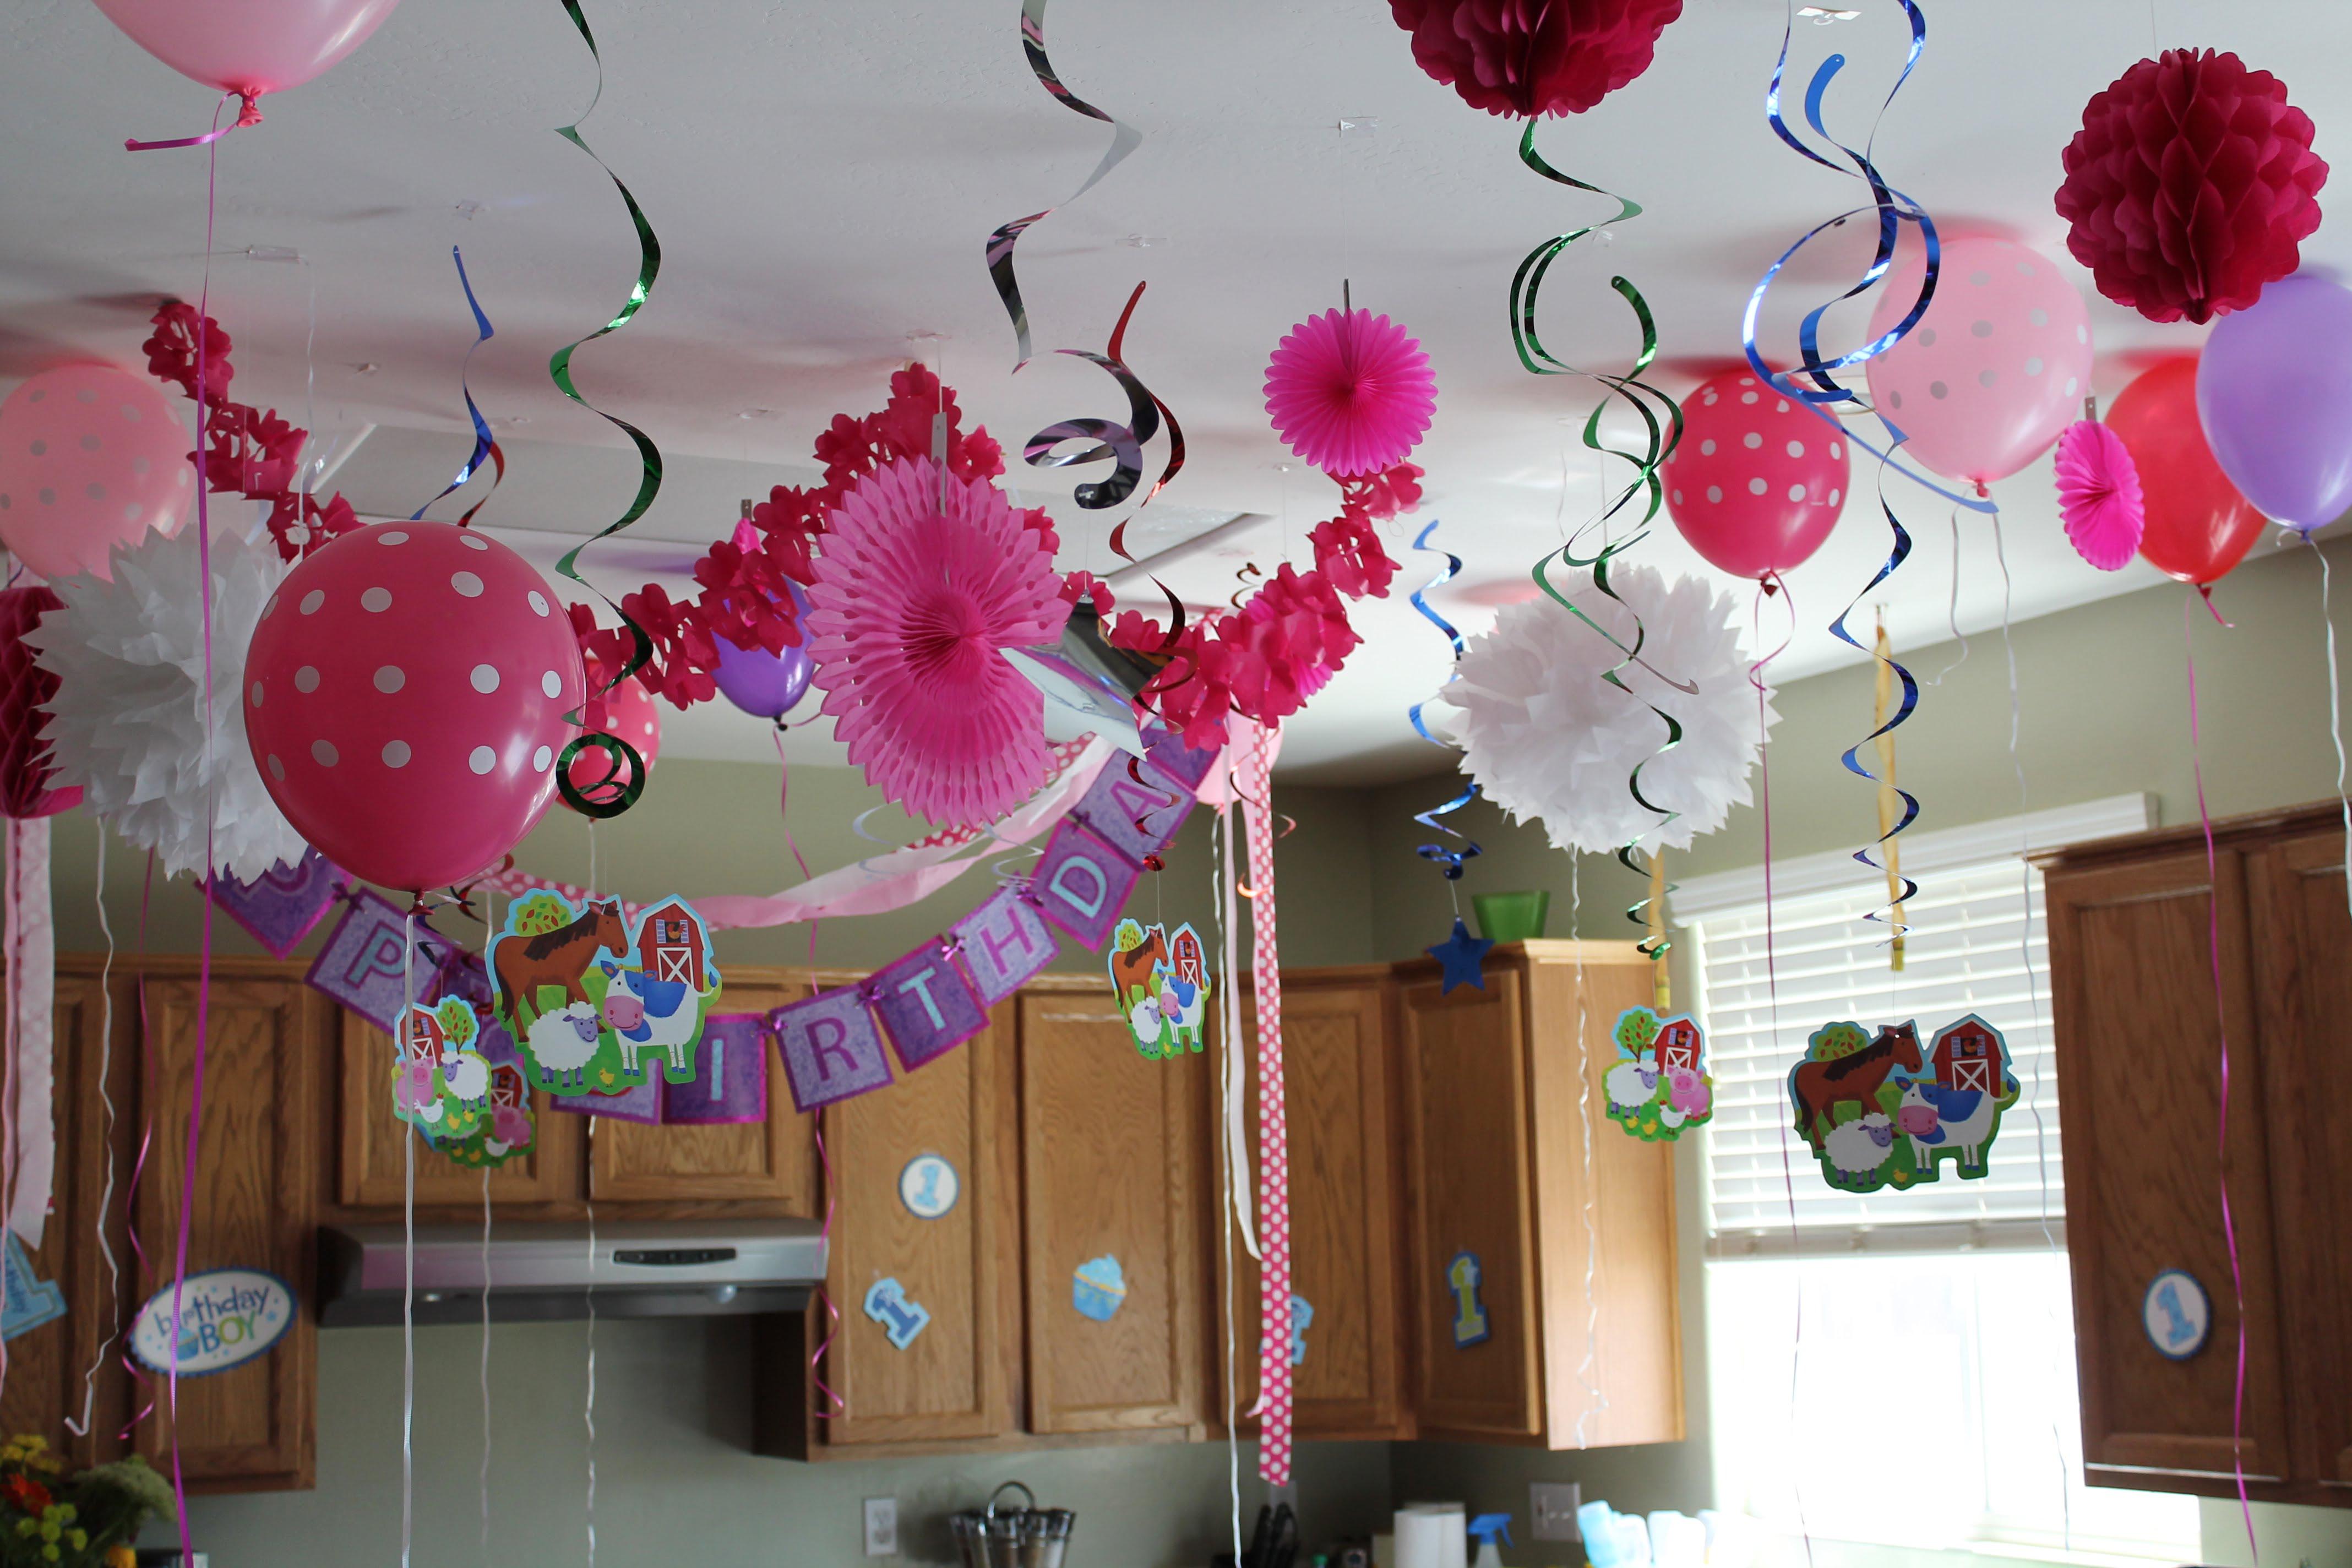 Idei pentru amenajarea camerei inainte de petrecere, Foto: benjamingreene.wordpress.com